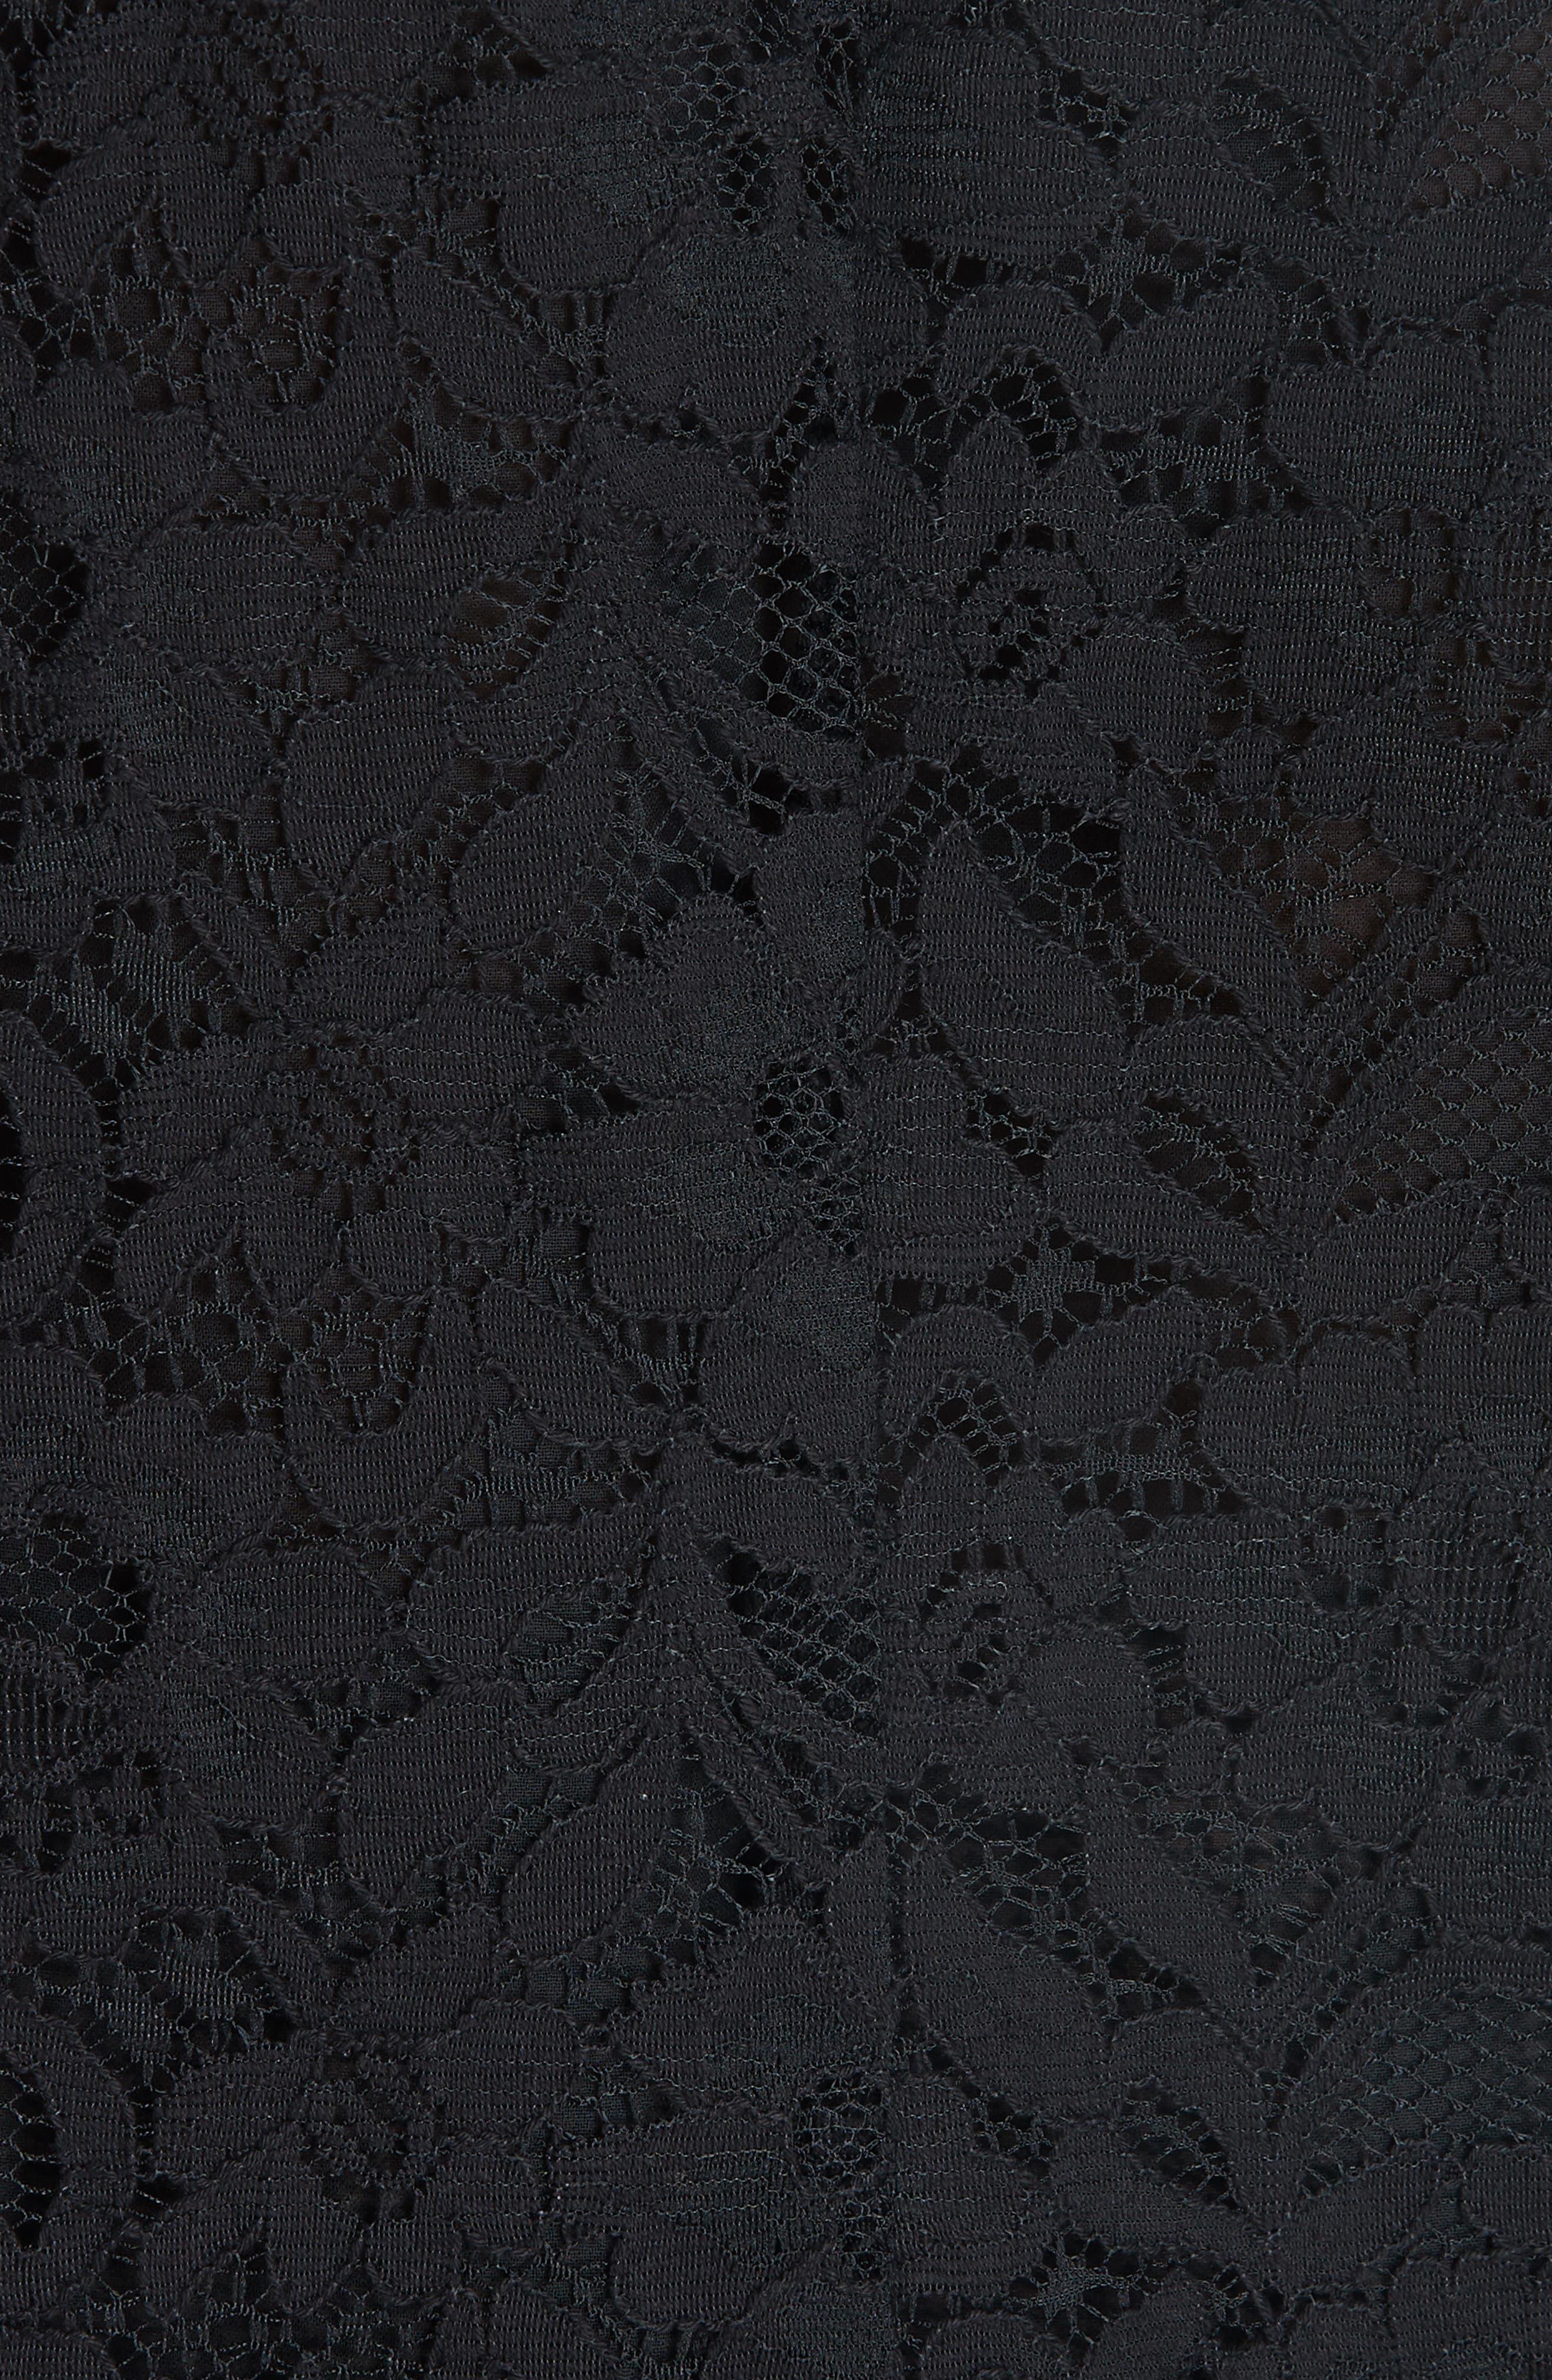 Cotton Blend Lace Ruffle Blouse,                             Alternate thumbnail 5, color,                             001